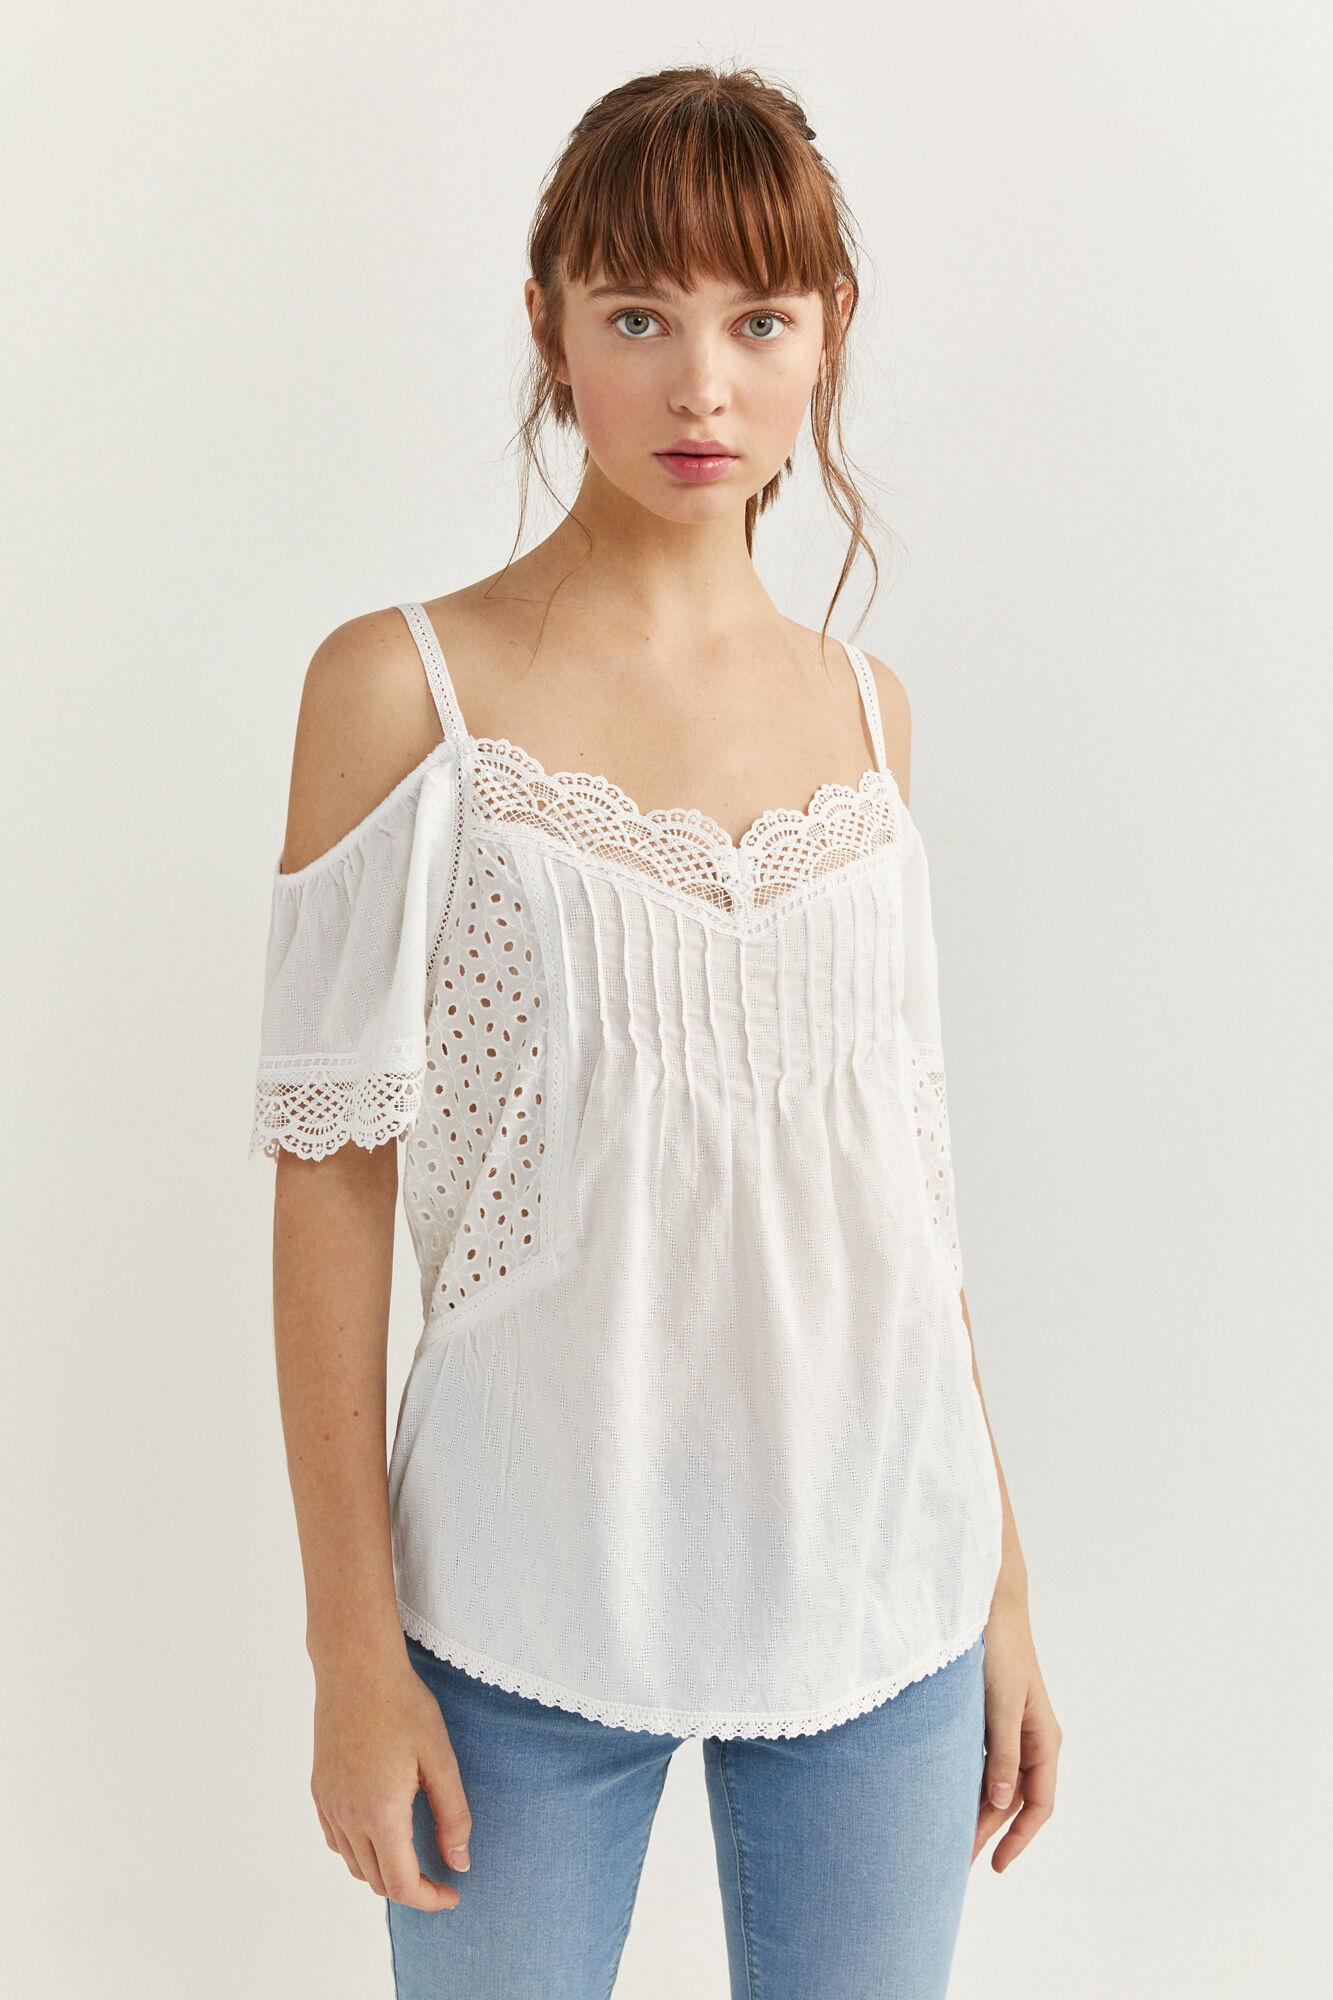 Blusa de manga corta con tirantes, con hombros descubiertos, con detalle de lace en escote y mangas, con bordados en los laterales.